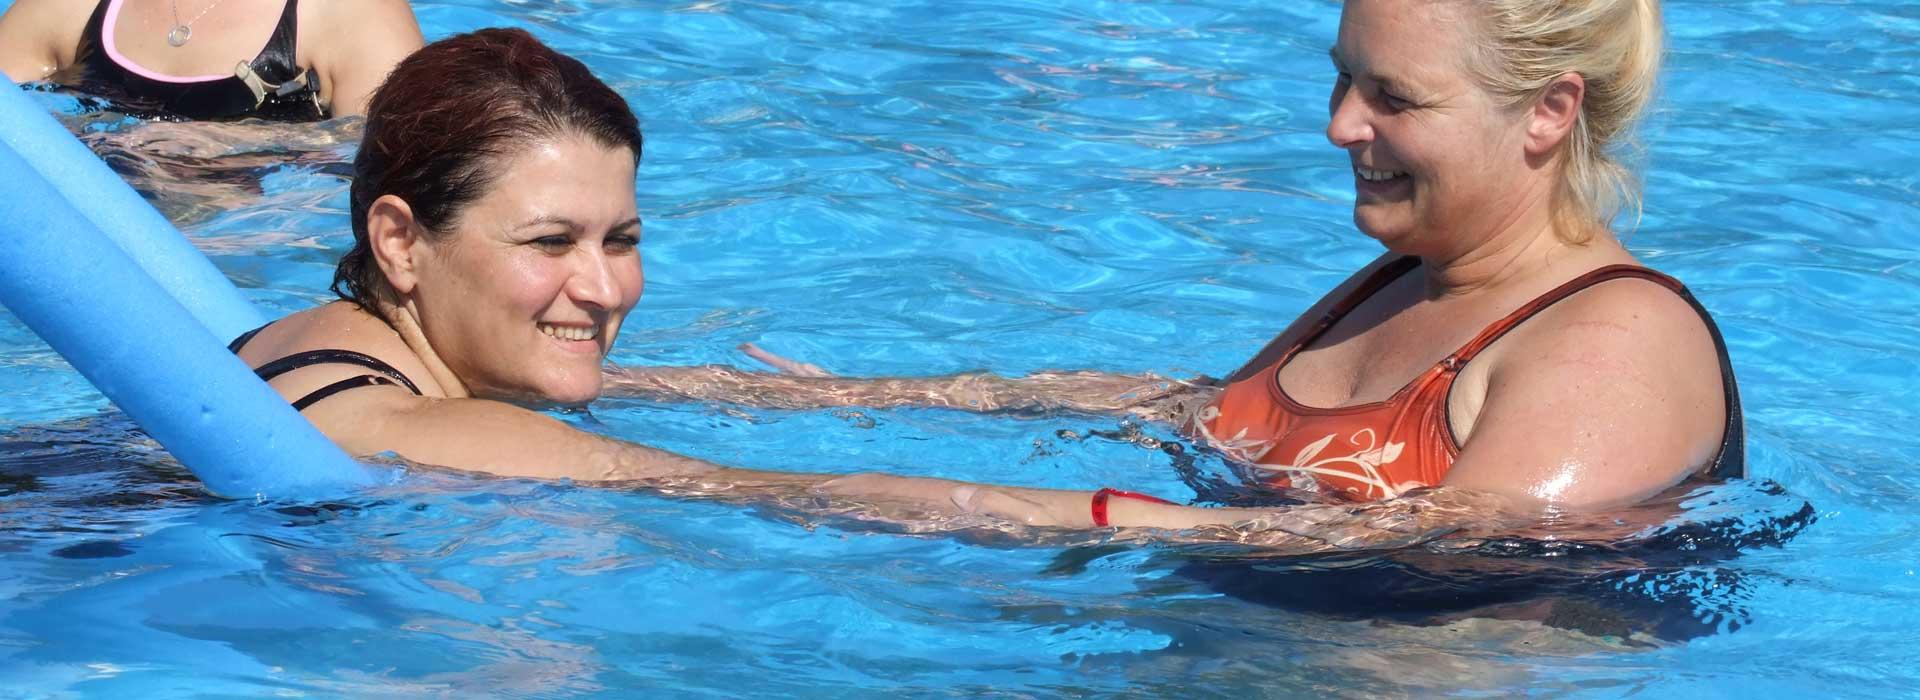 schwimmkurse_slidebg1